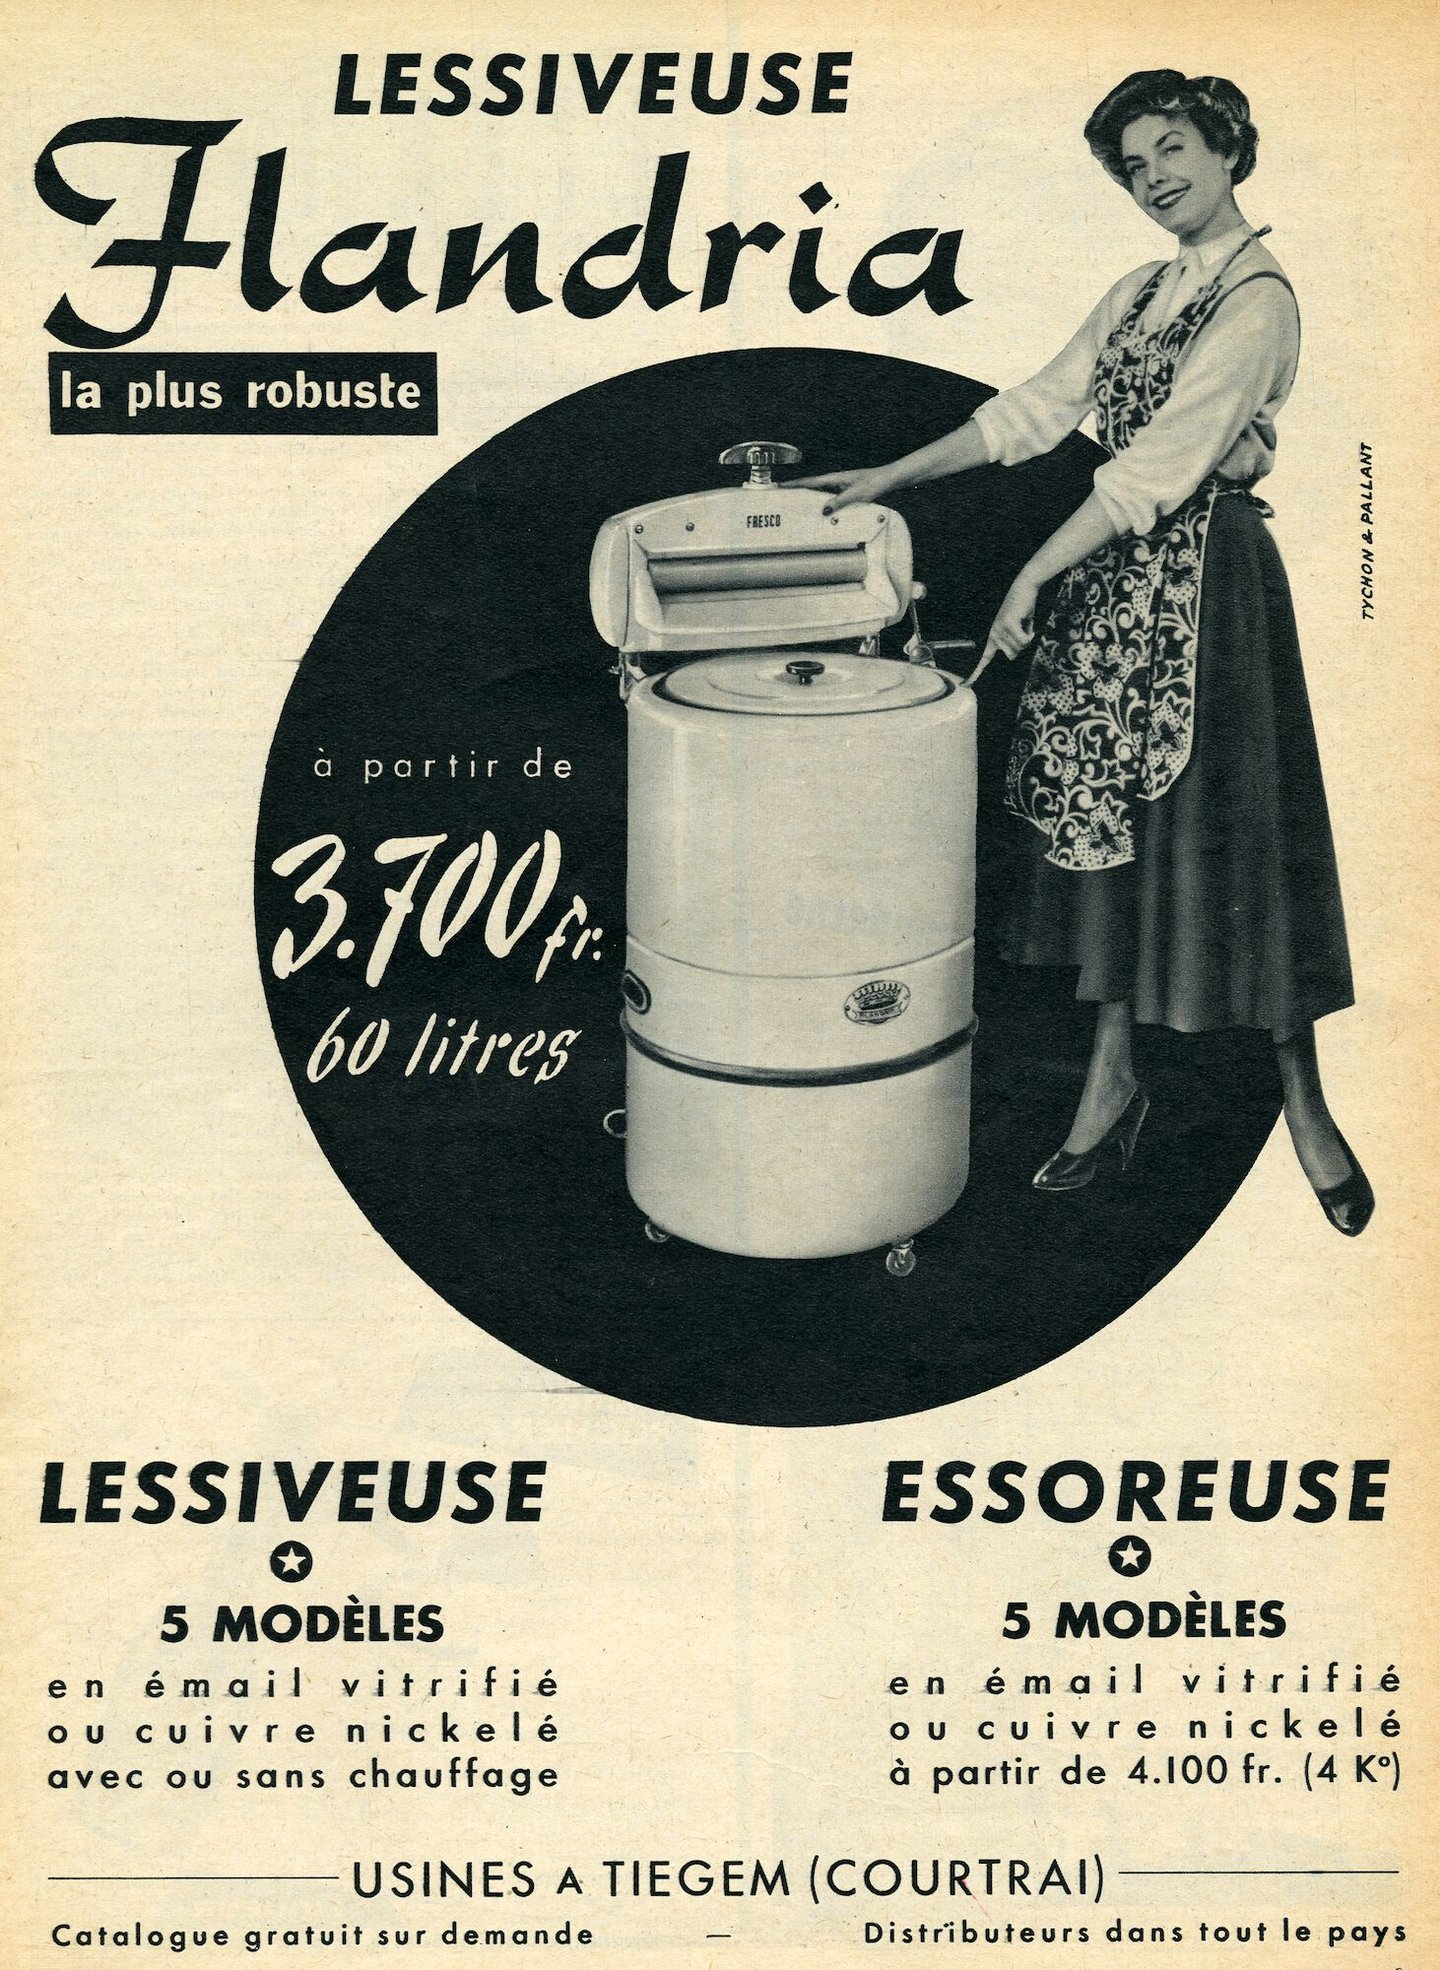 Reclame voor wasmachines van het merk Flandria